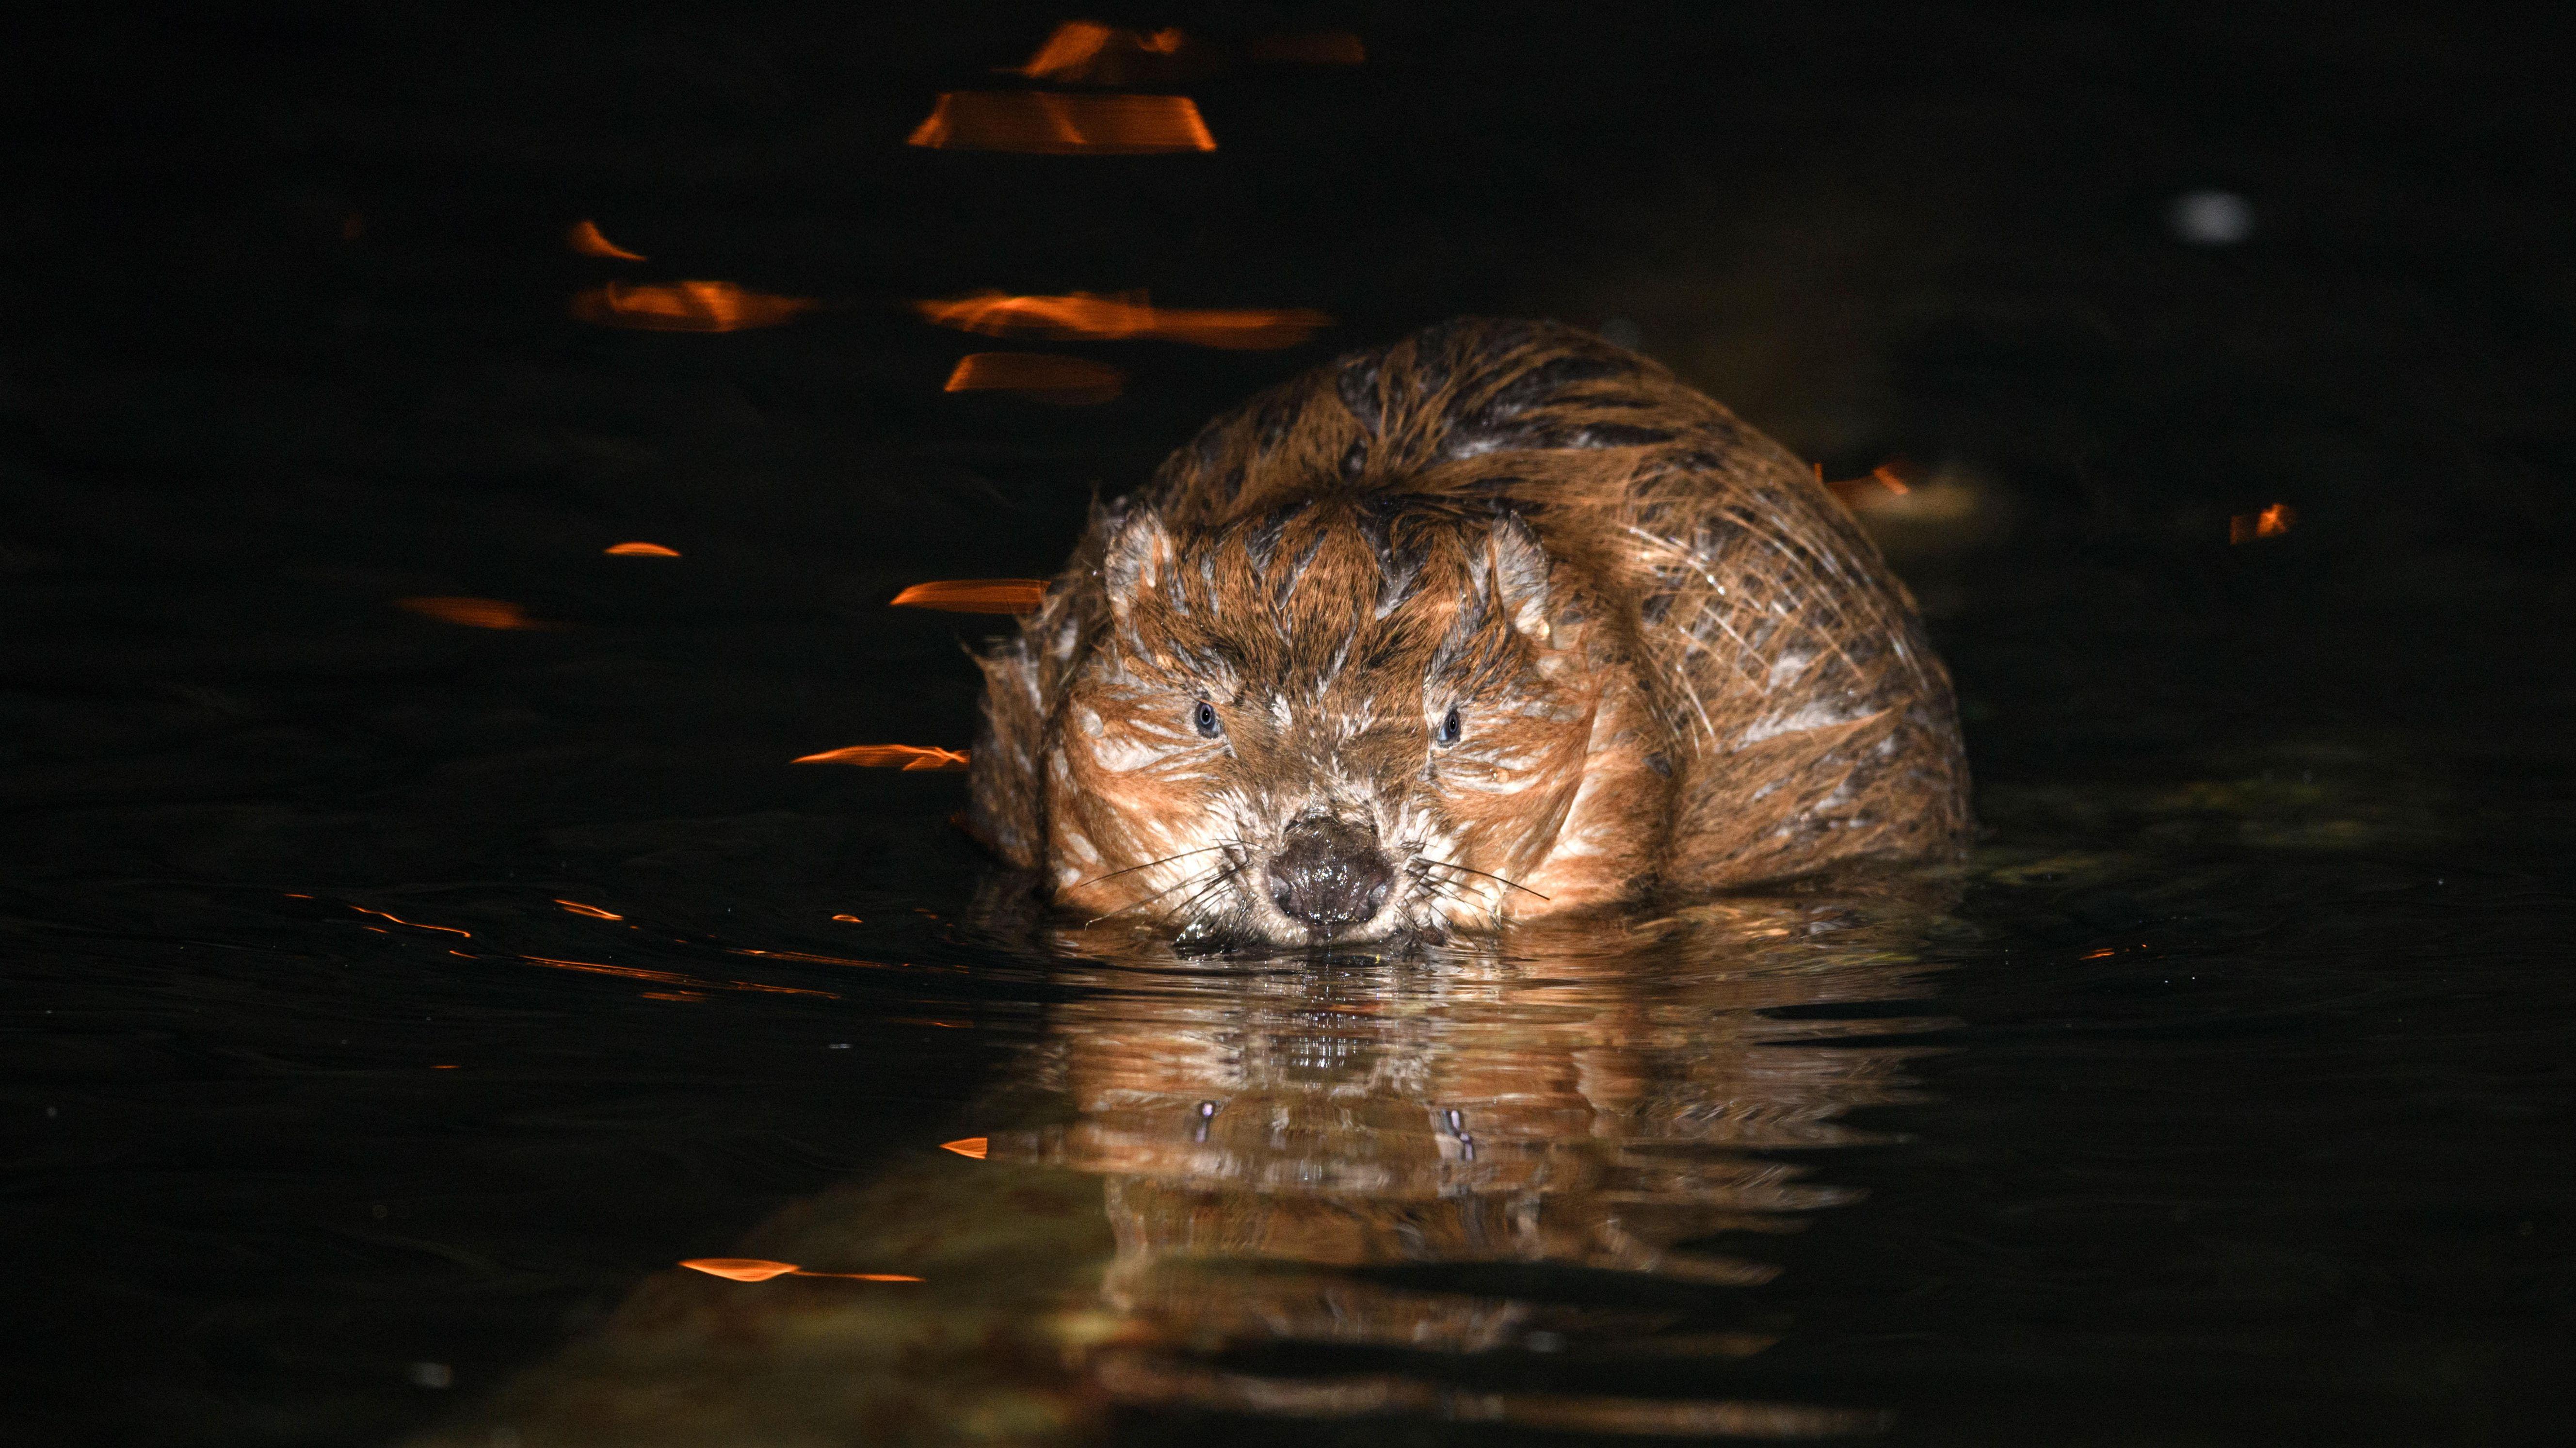 Ein Biber sitzt im Wasser und frisst. (Symbolbild)